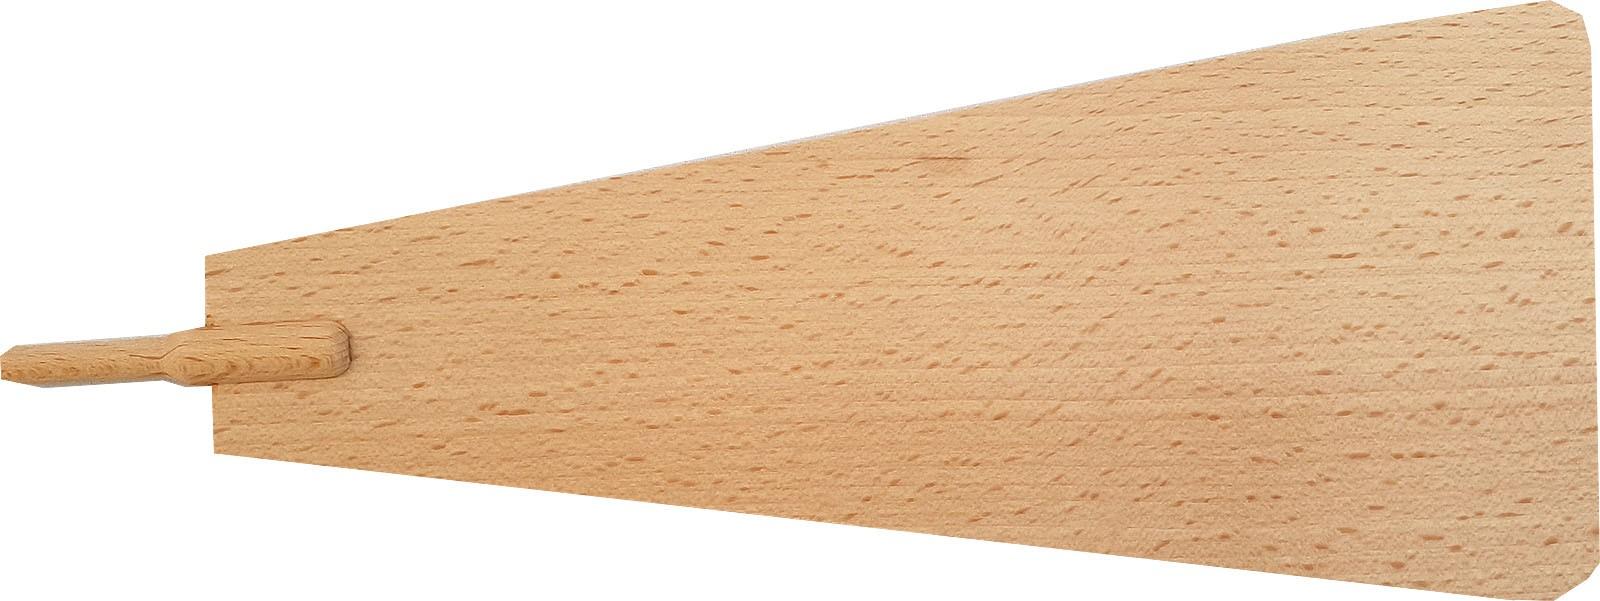 Pyramidenflügel mit Schaft 6 mm Länge 220mm